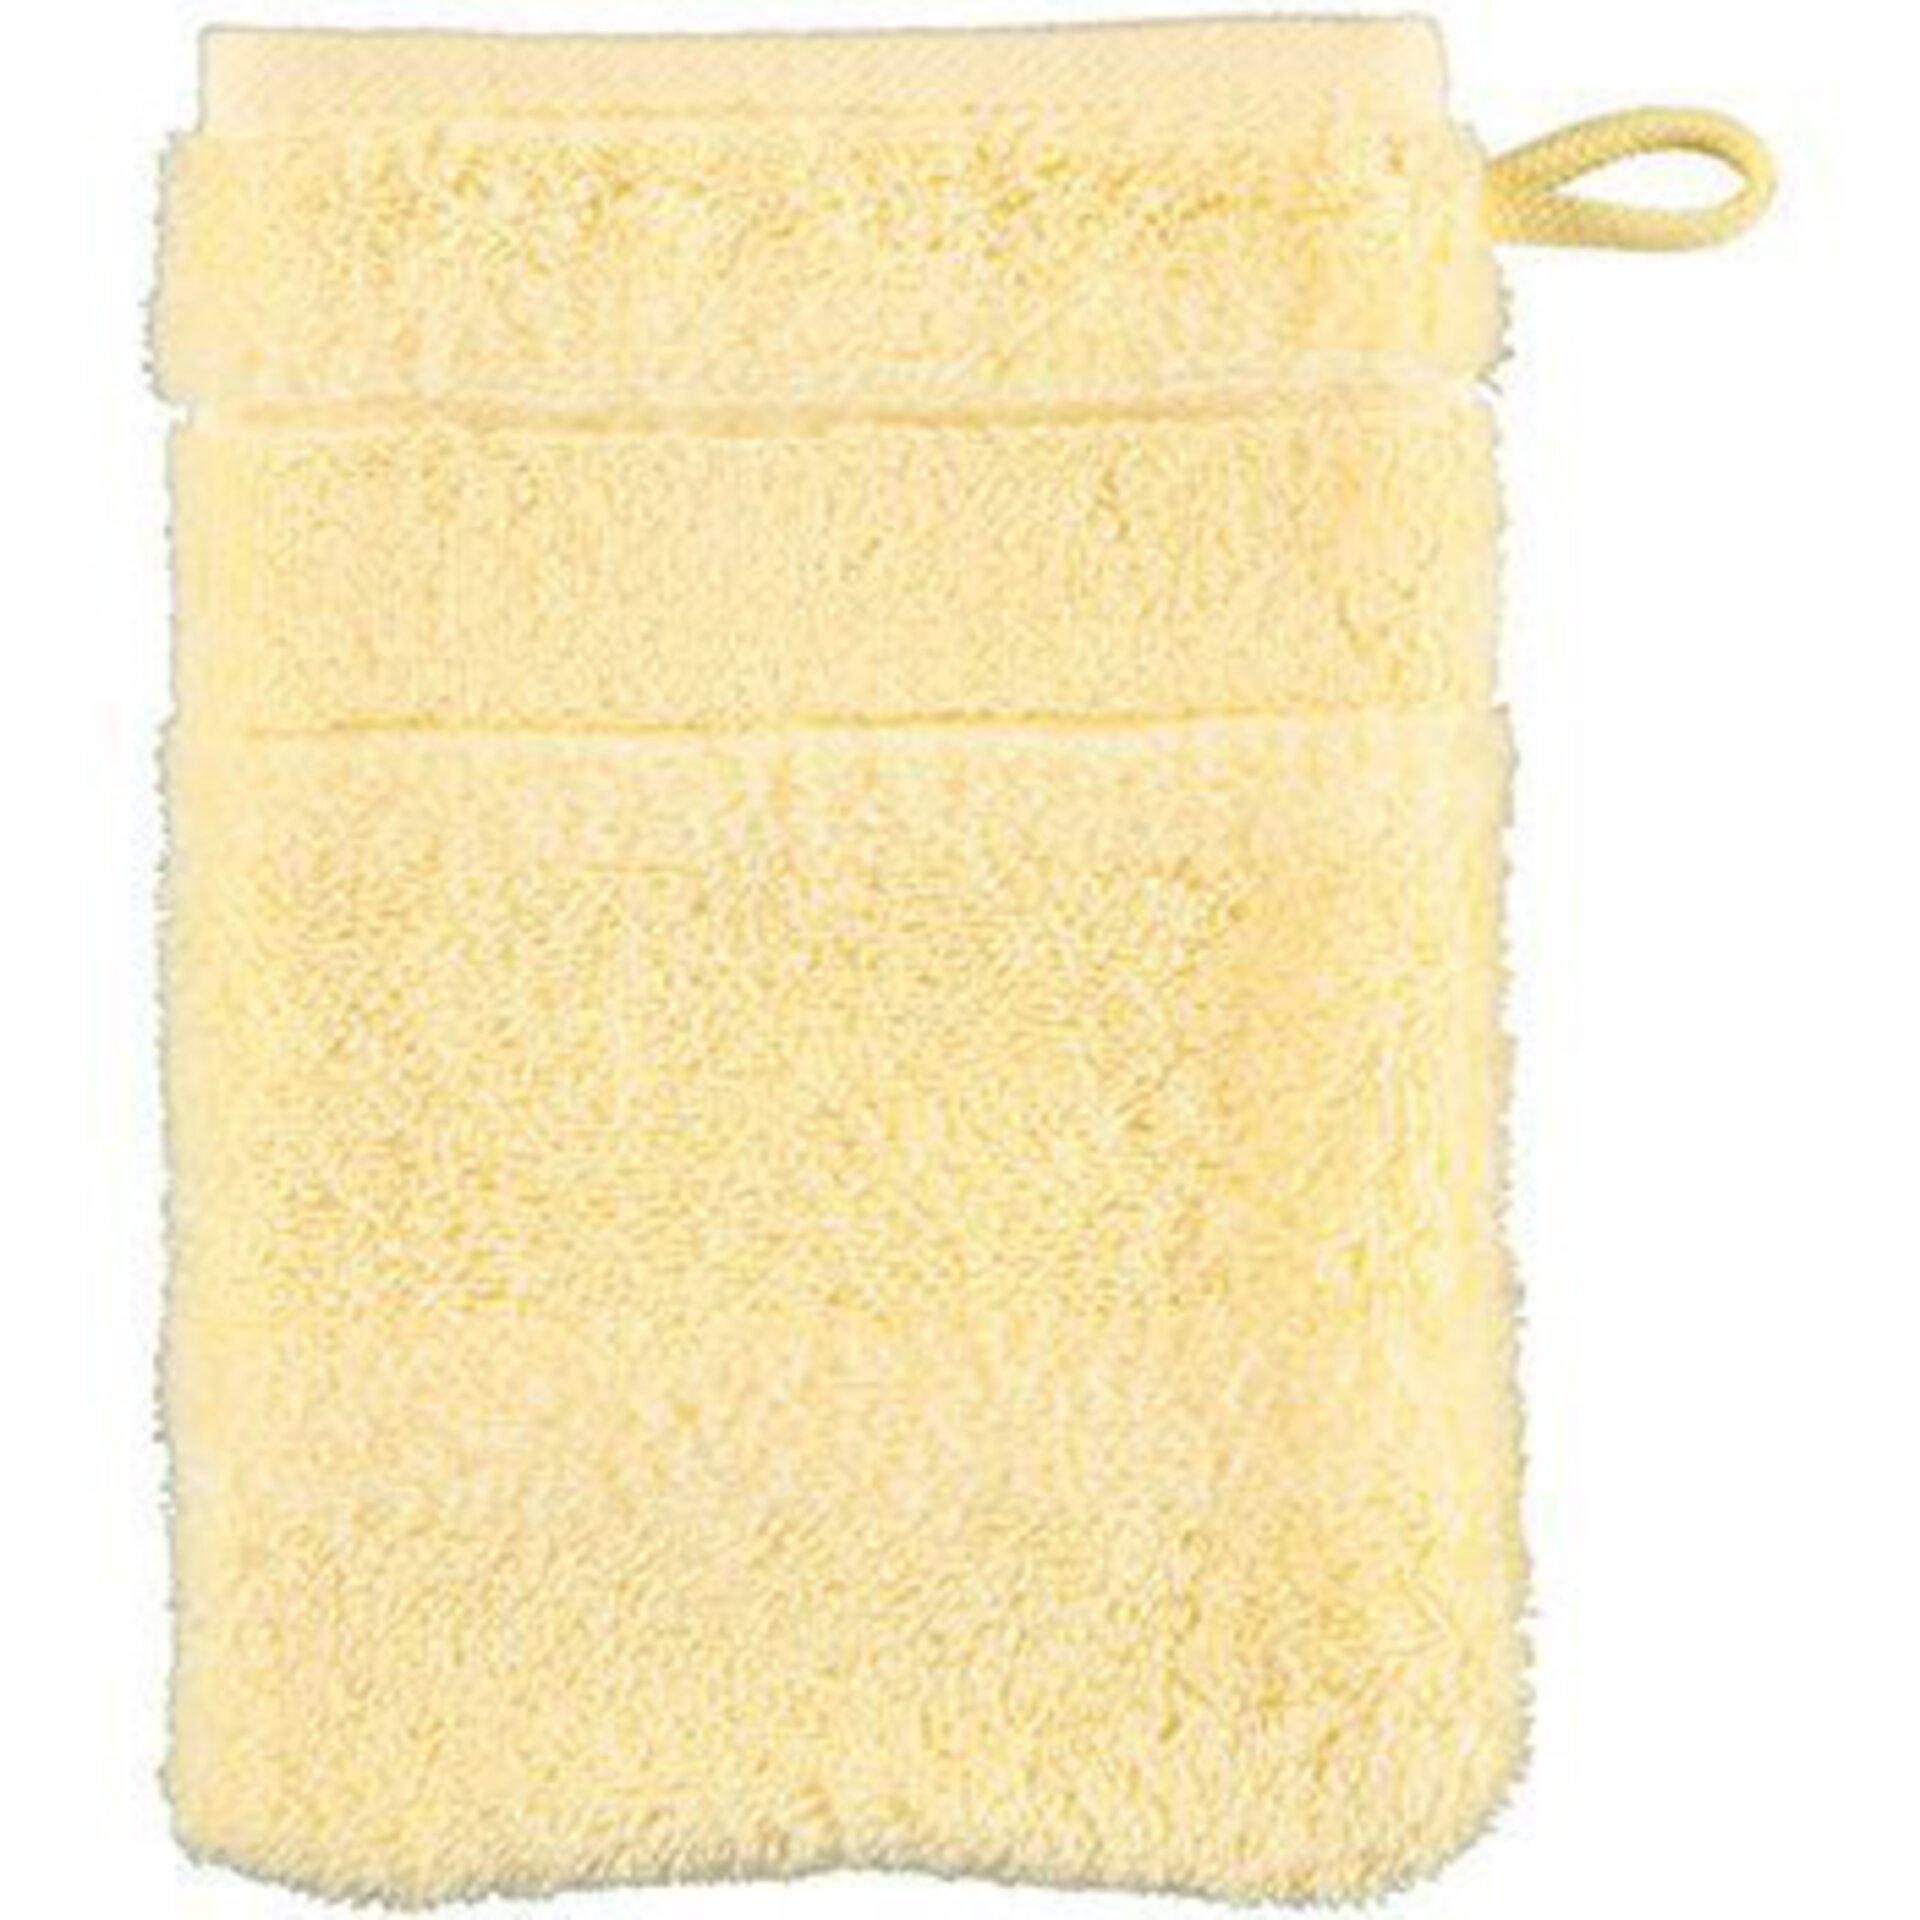 Waschhandschuh Cawö Textil gelb 16 x 22 cm